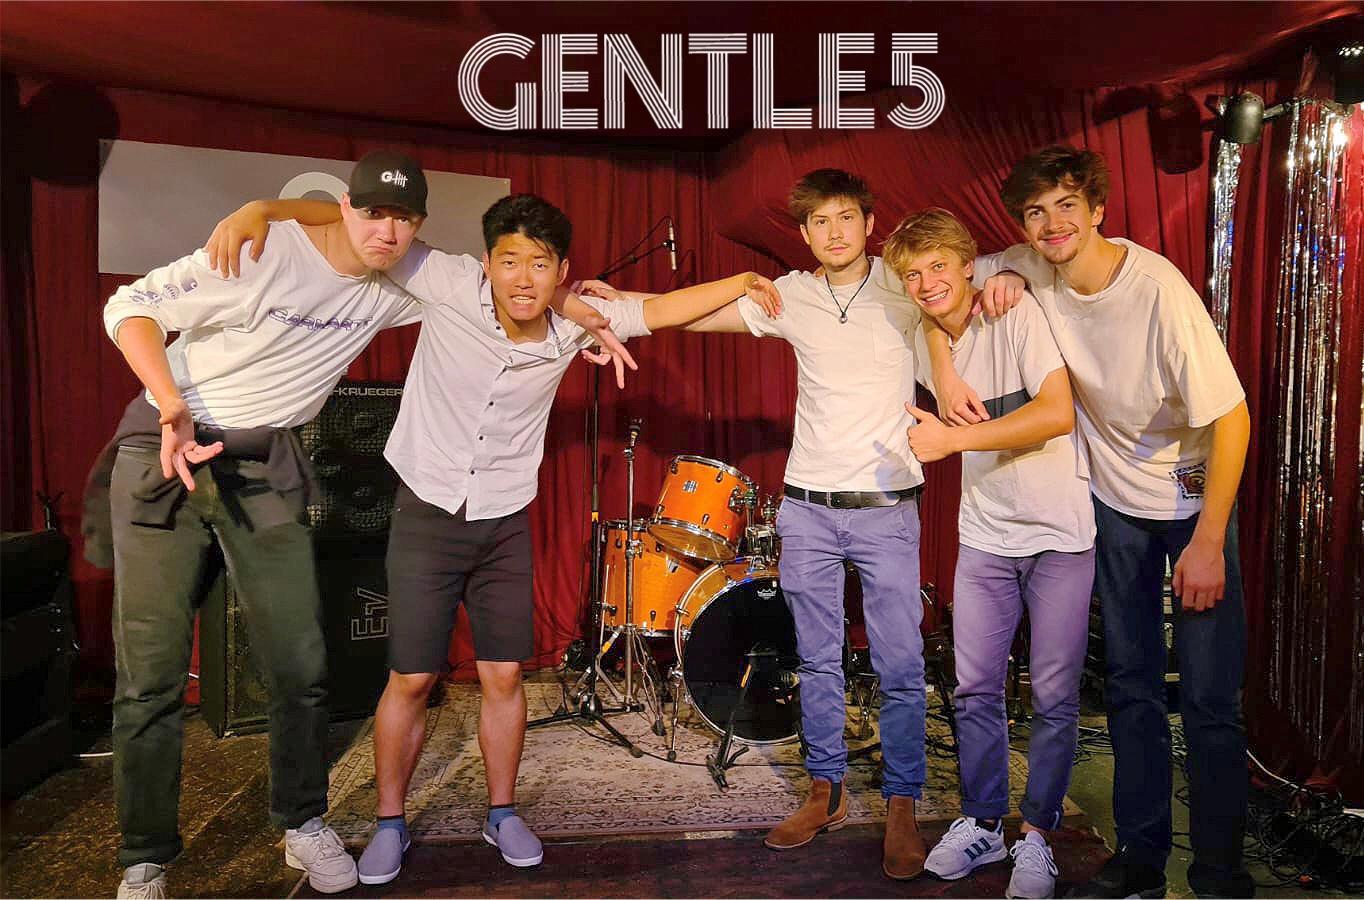 Gentle5